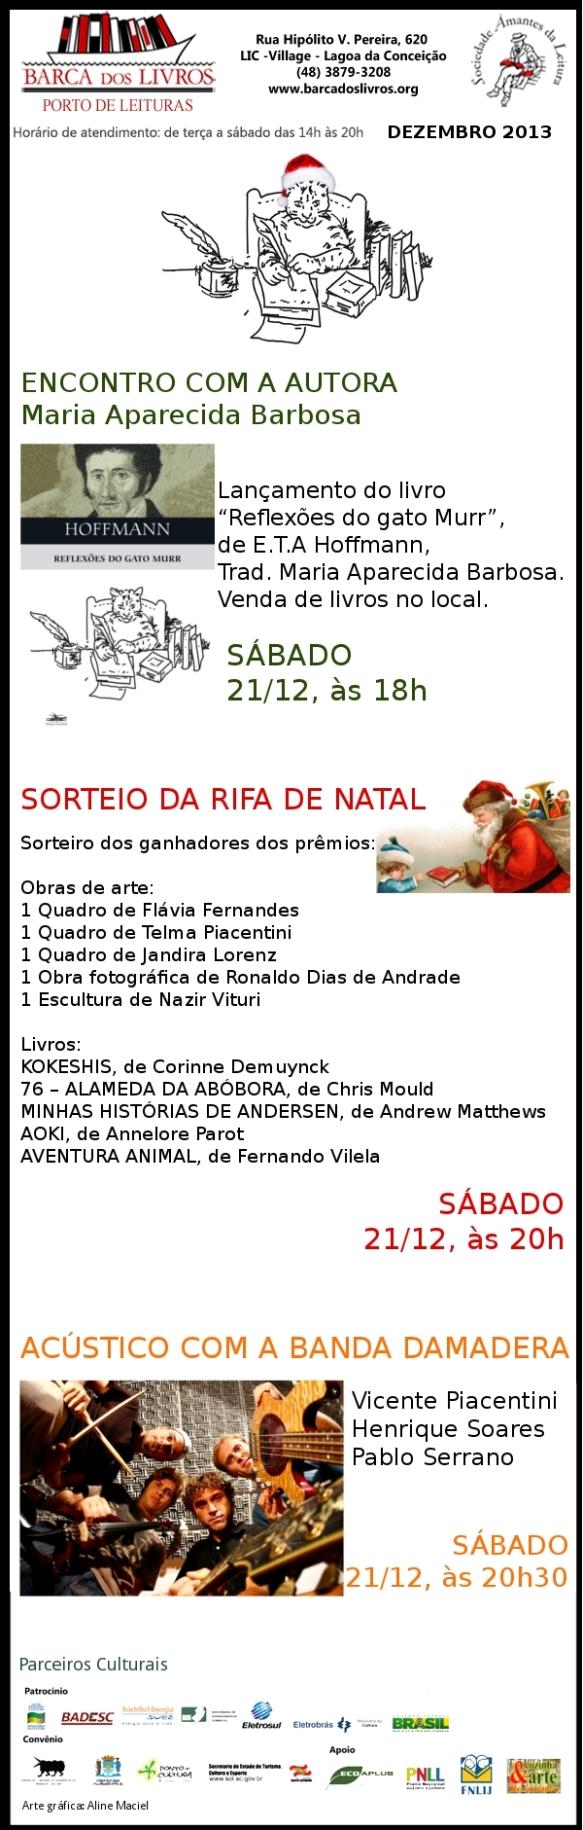 Encontro com a autora + Rifa de Natal + Acústico Damadera